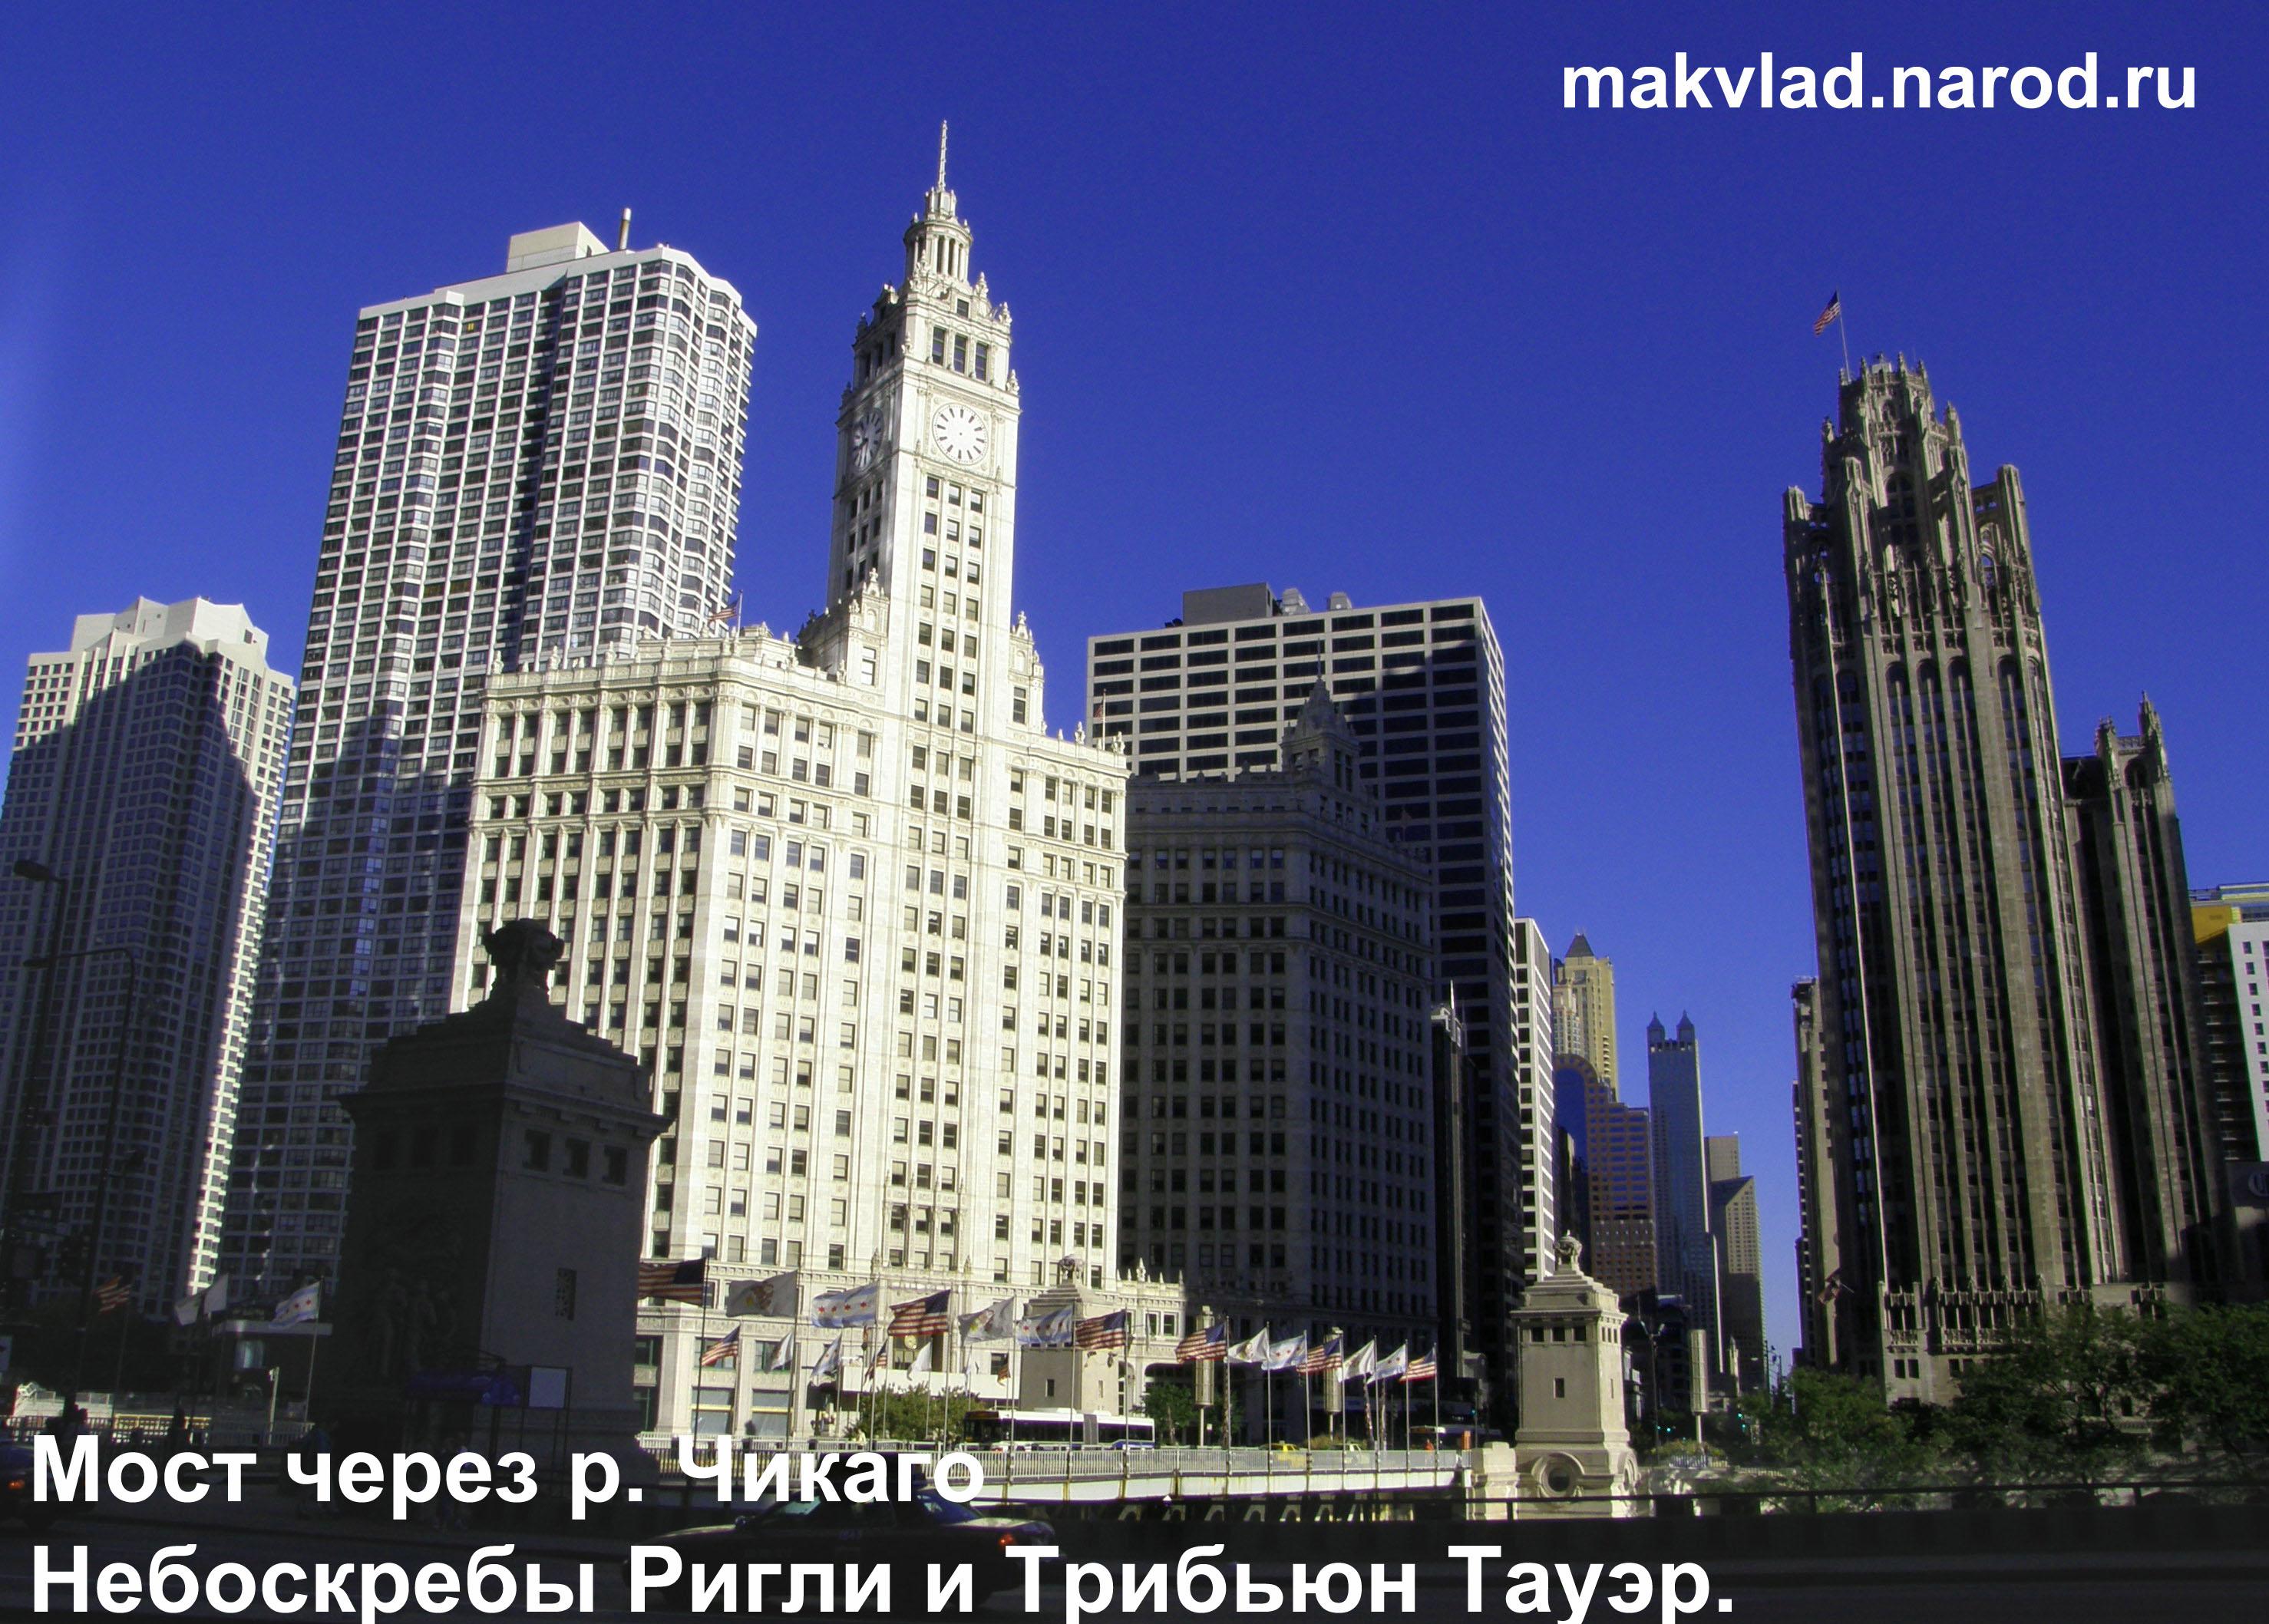 Центр Чикаго. Мост через р. Чикаго. Небоскребы Ригли (слева) и Трибьюн Тауэр. (справа)